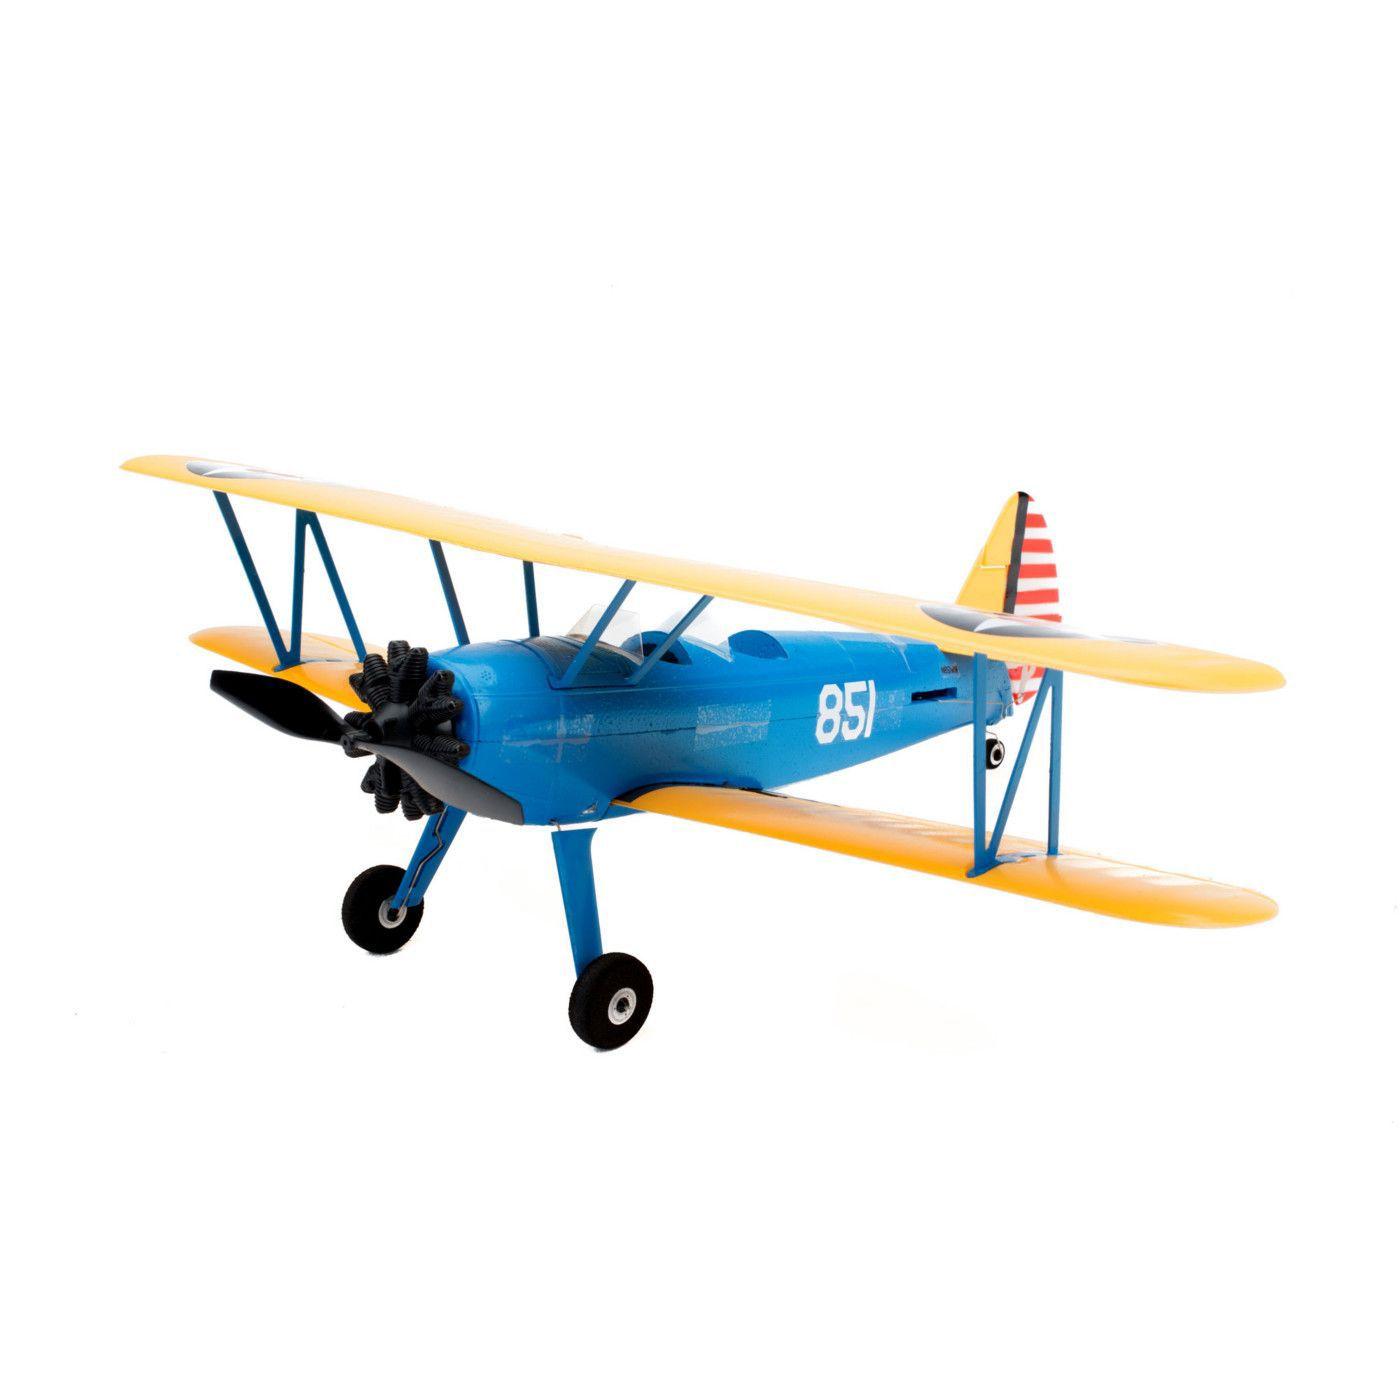 UMX PT-17 E-flite